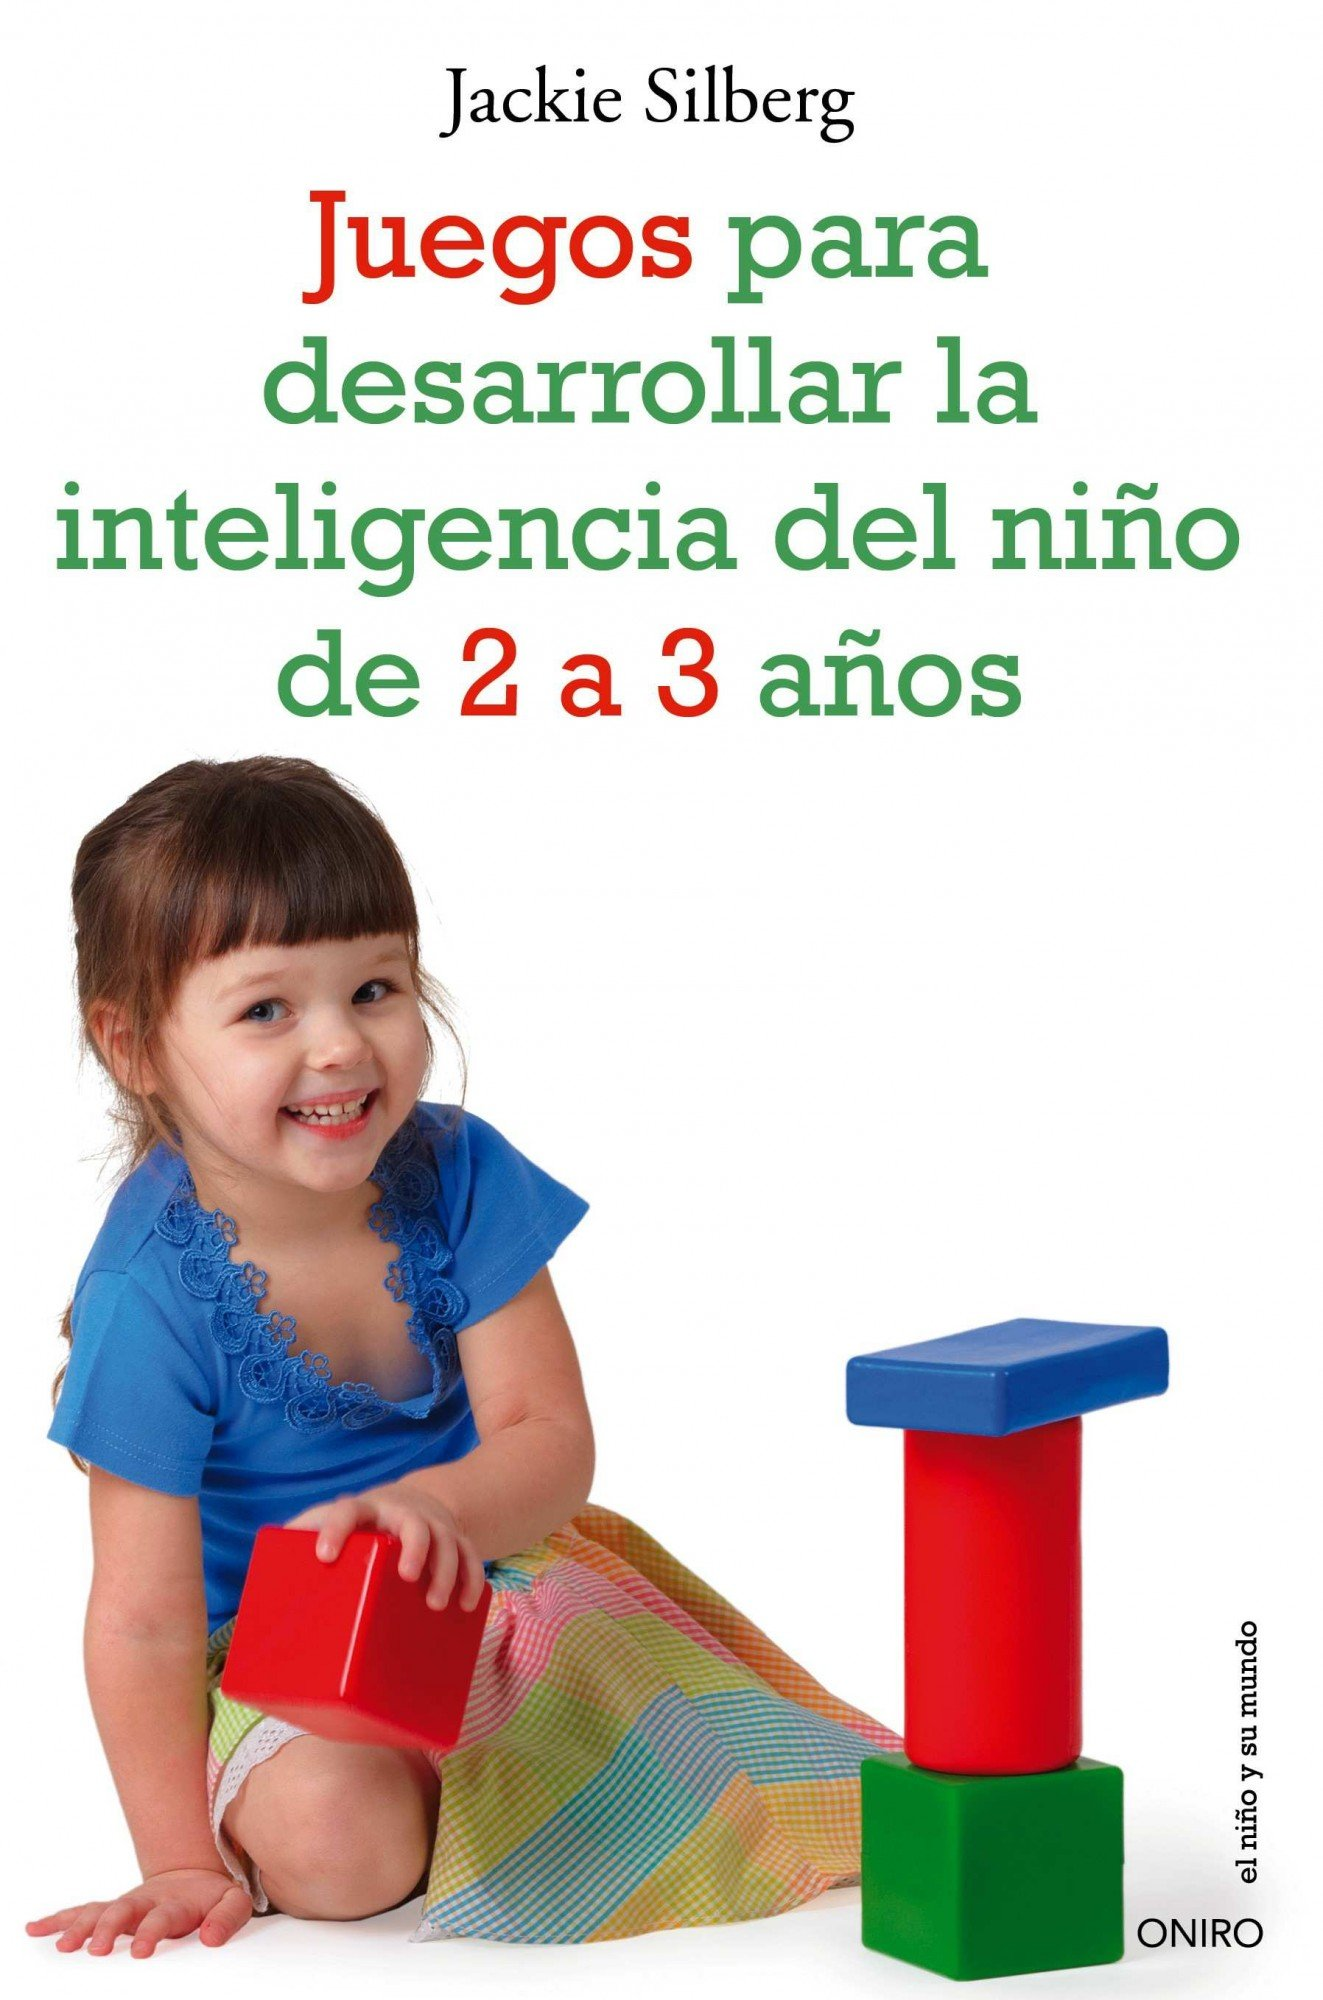 JUEGOS DESARROLLLAR INTELIGENCIA NI¥O 2-3 A¥OS Oniro: LOGISTICA S.A.: 9788497545549: Amazon.com: Books